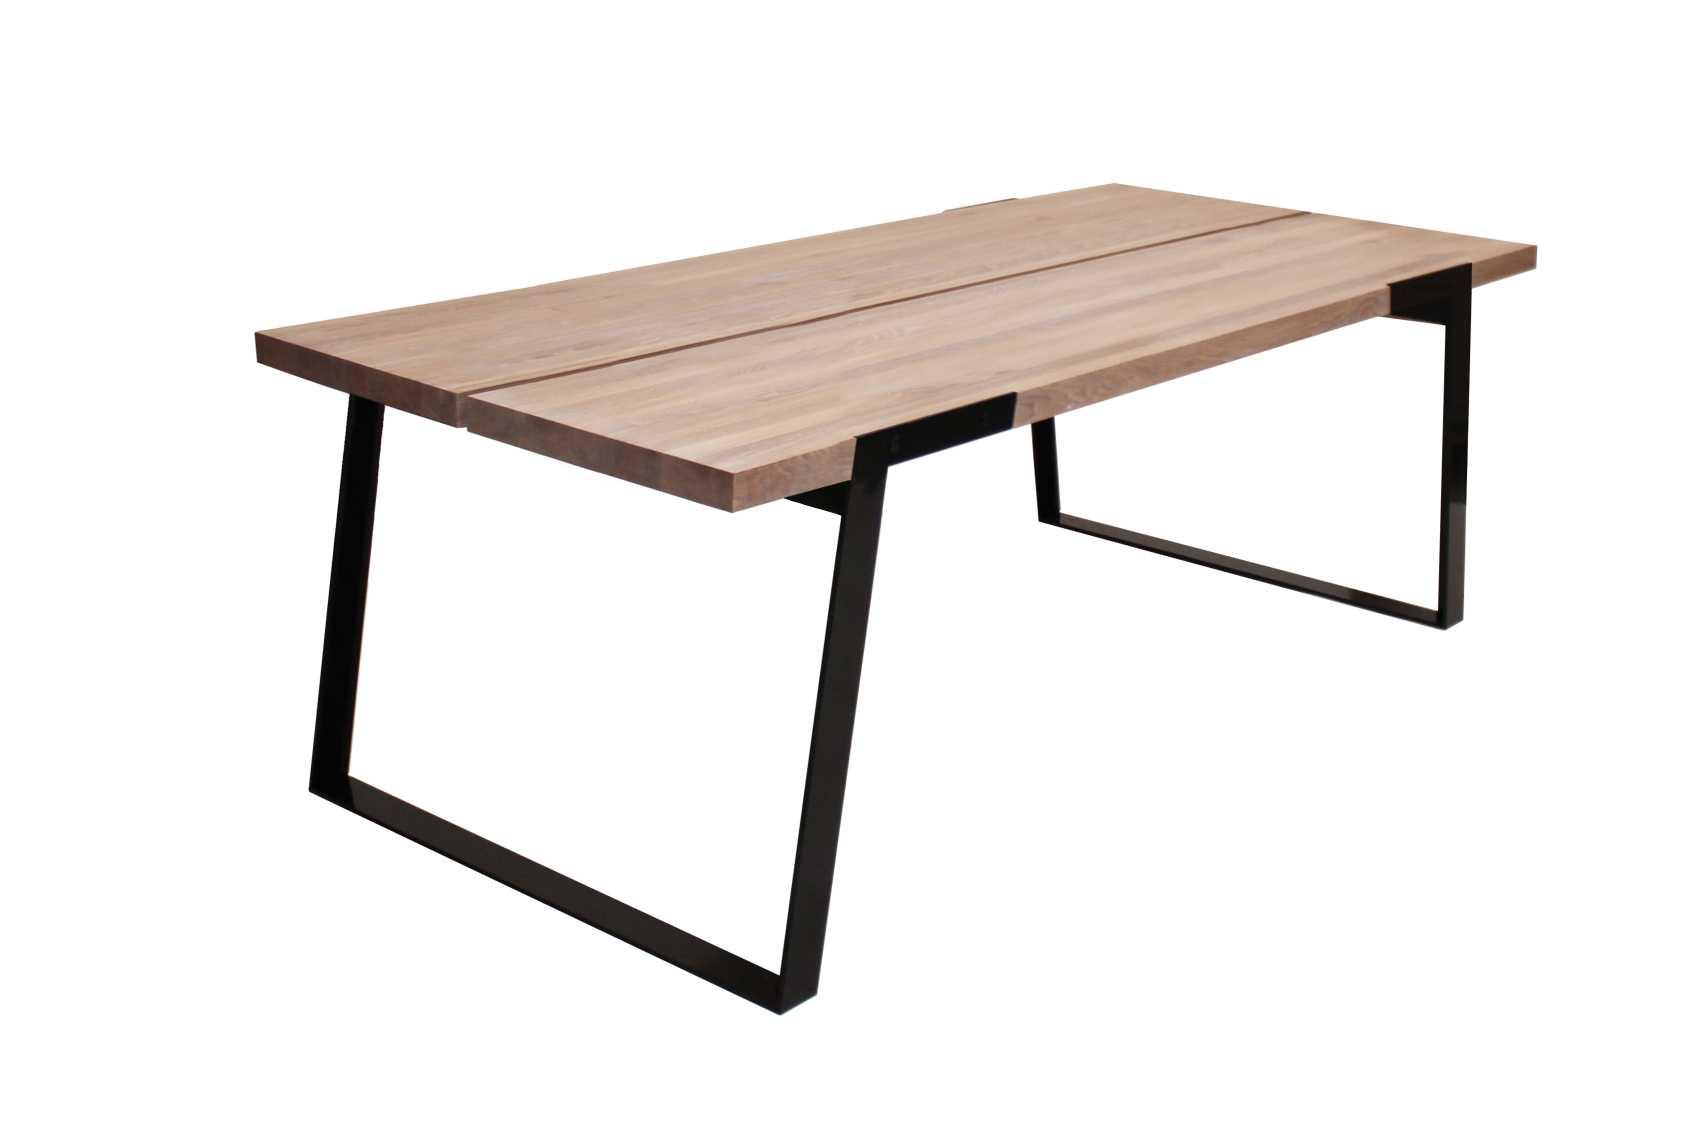 CANETT Zilas plankebord - hvidolieret vildeg og sort metal, m. udtræk (240x100)